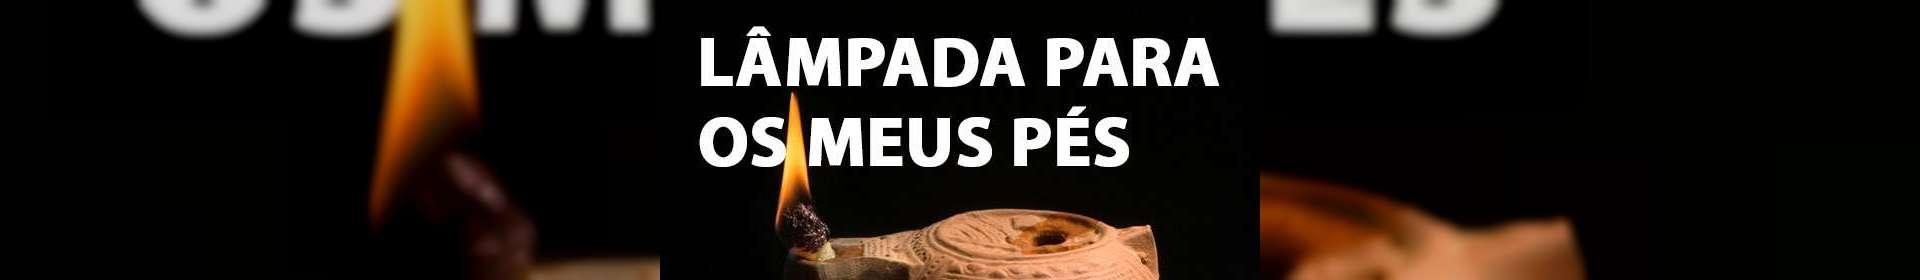 Lâmpada Para os Meus Pés - 01/02/2020